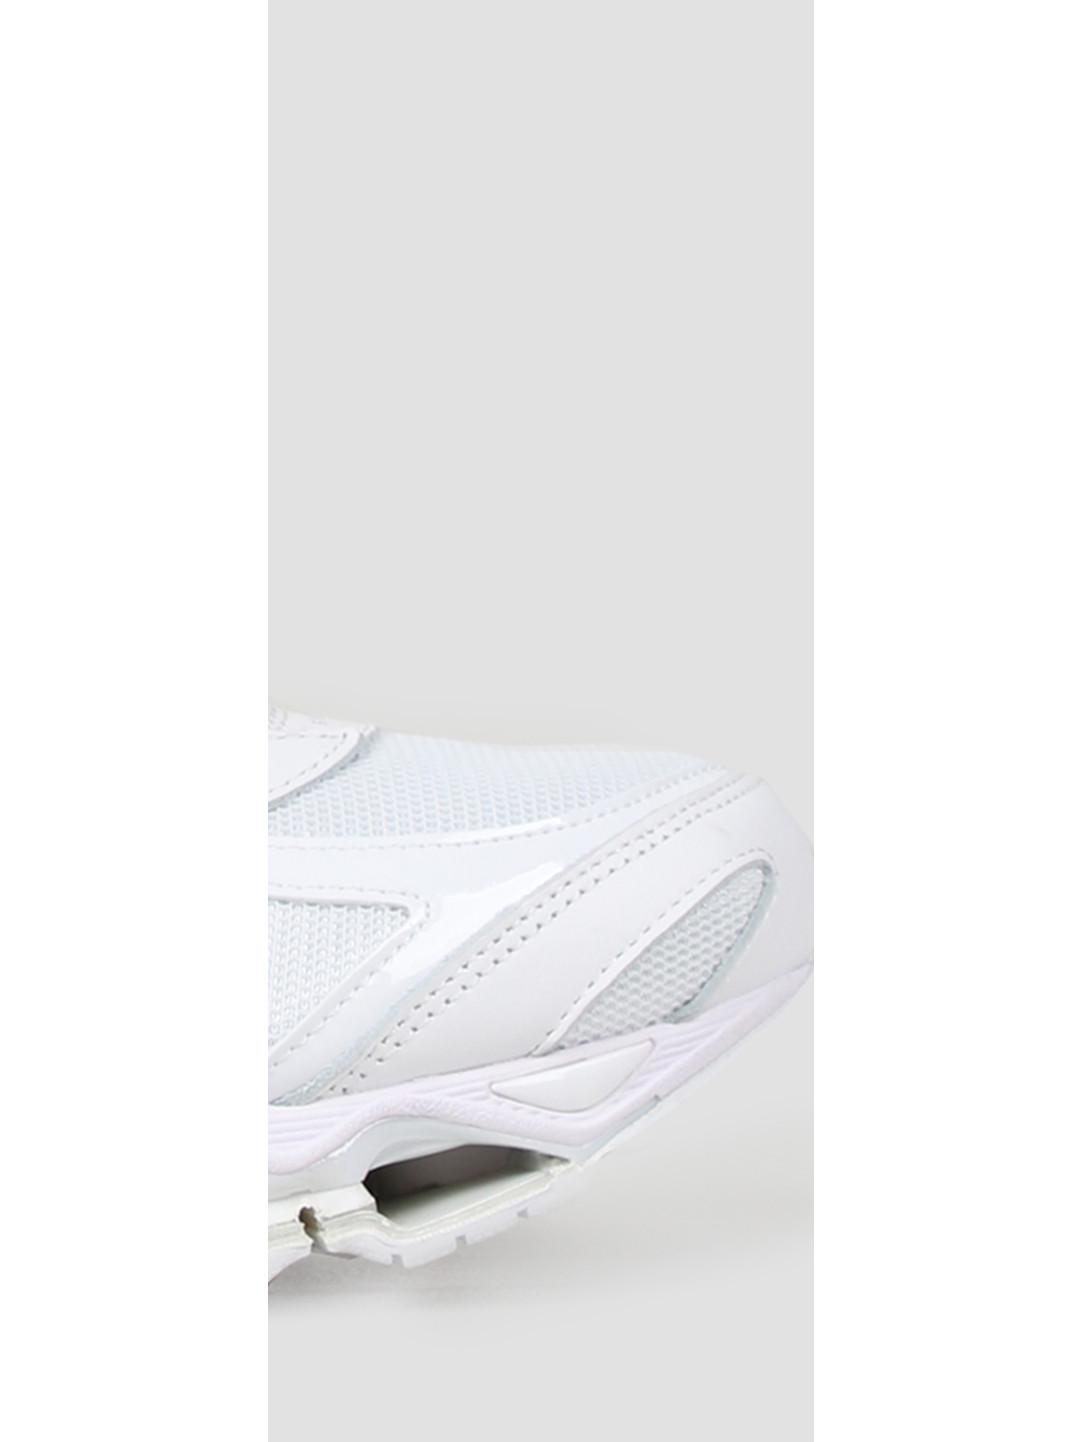 Mizuno Mizuno Wave Prophecy Futur White White SYellow D1GD194501